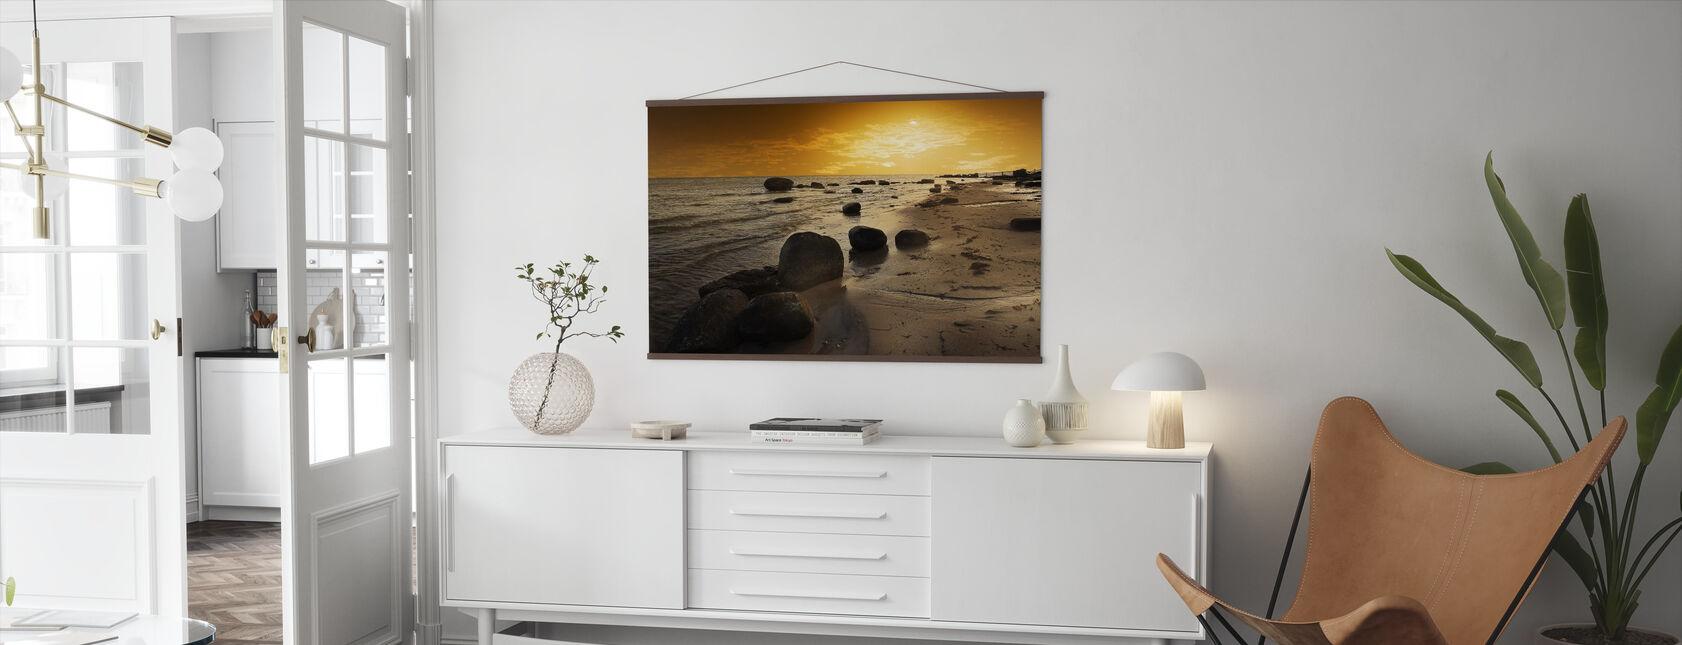 Golden Beach Sunset - Poster - Living Room